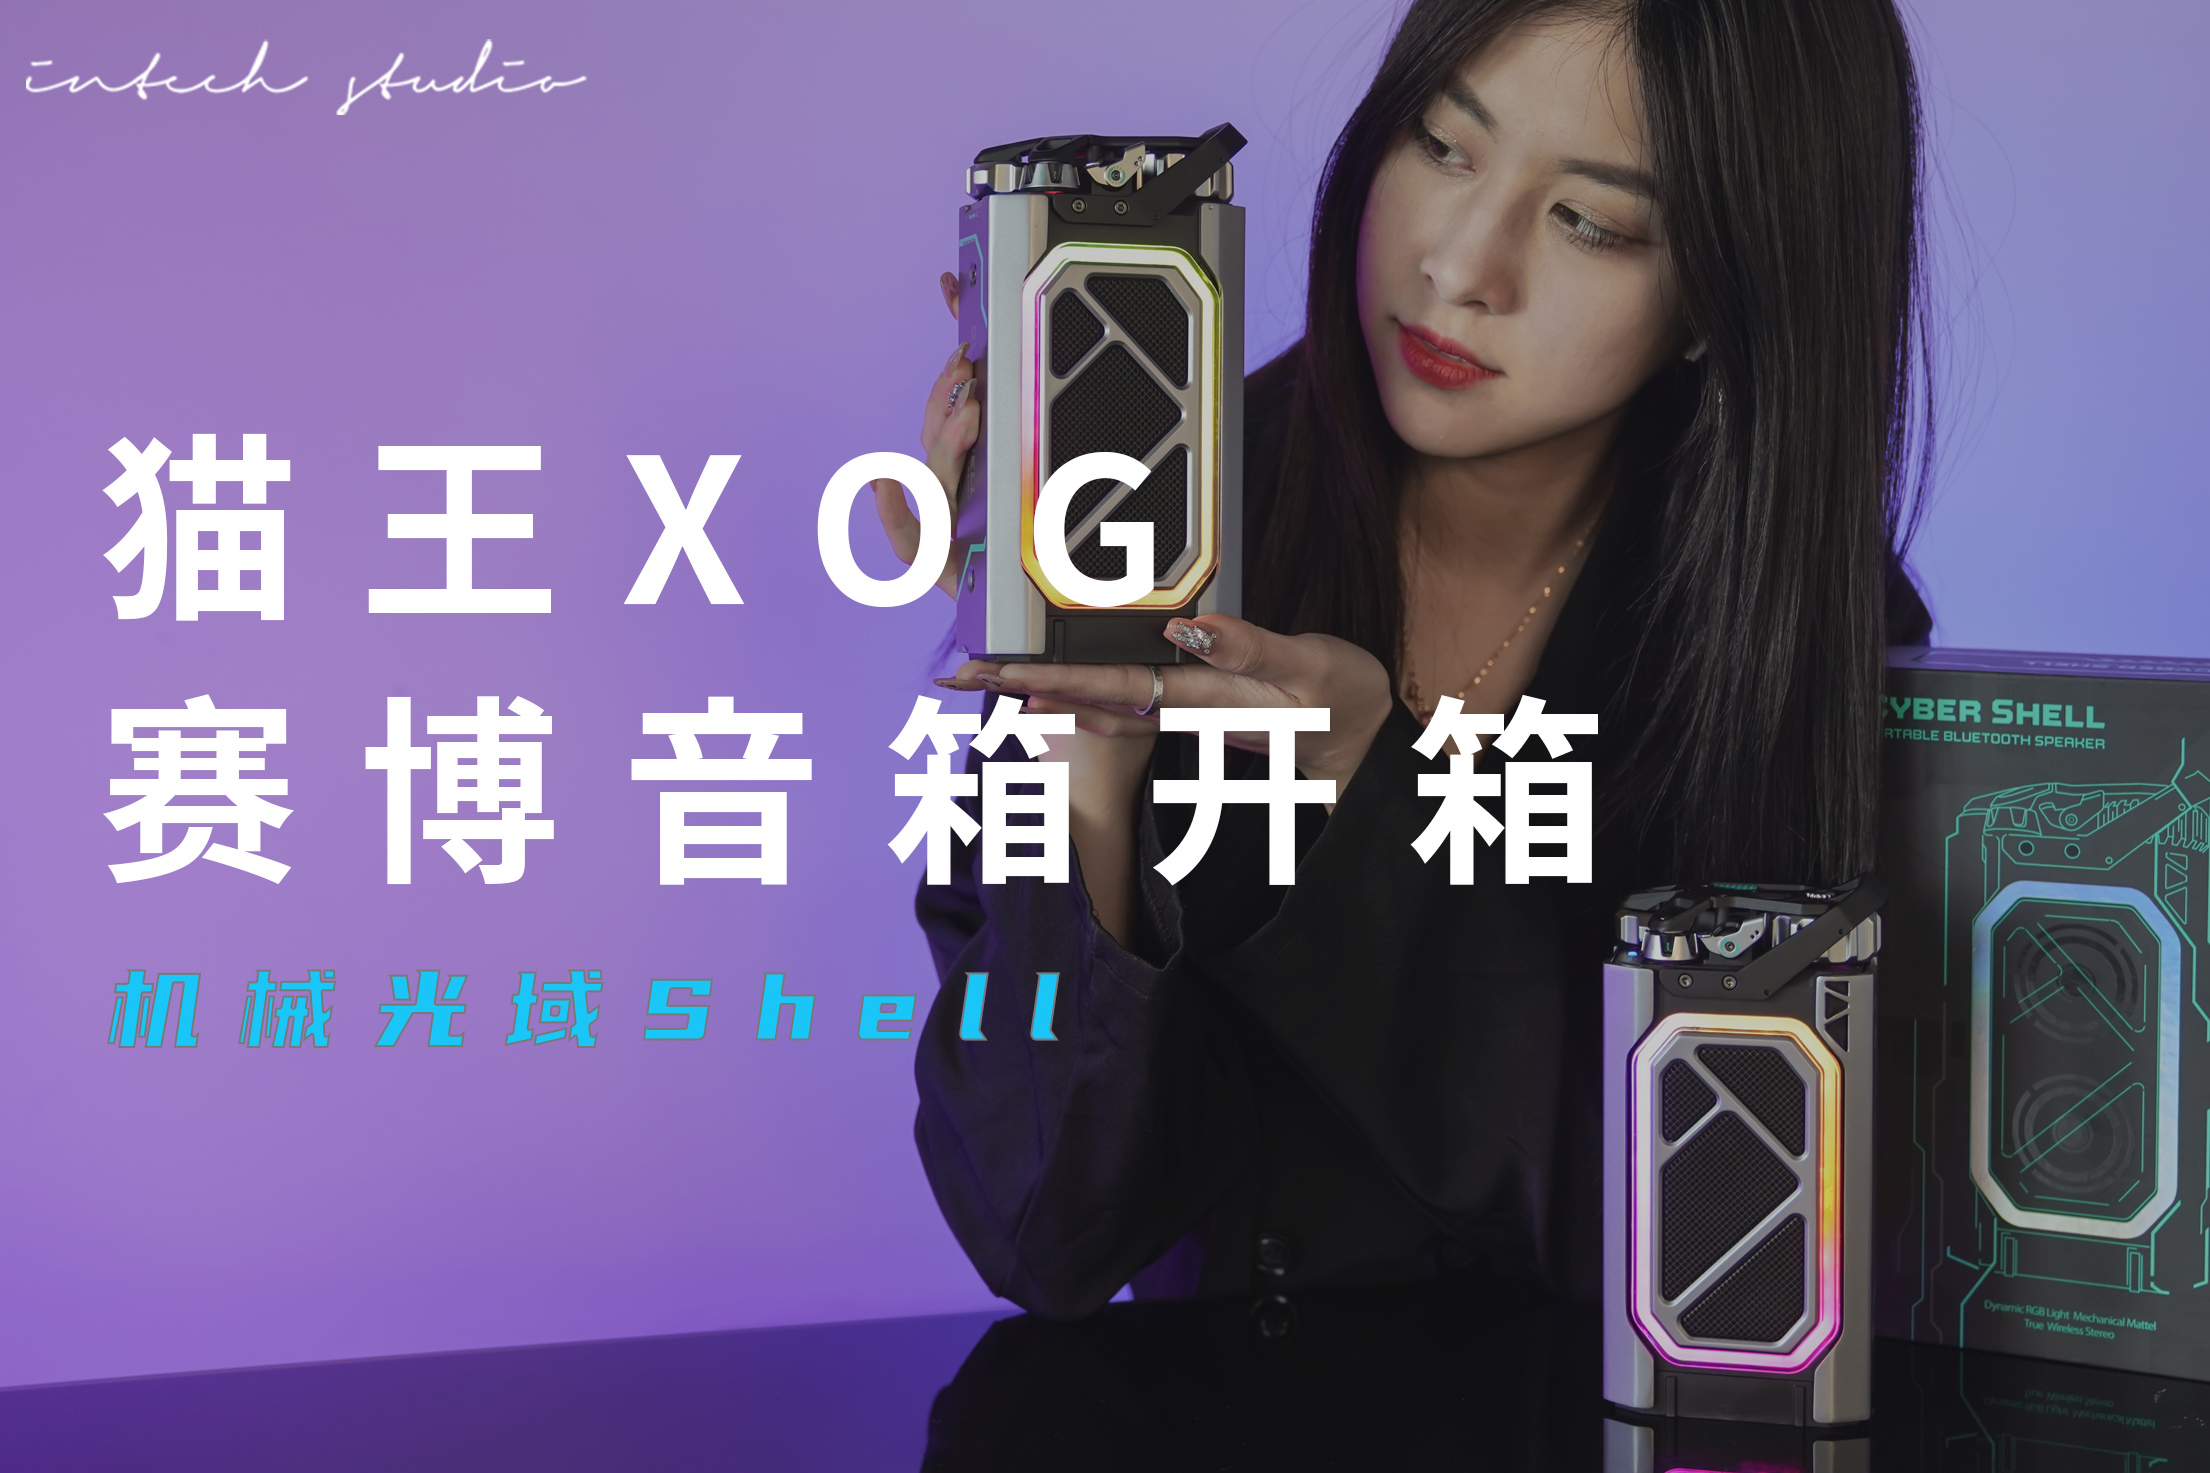 硬核赛博音箱,猫王XOG机械光域Shell开箱